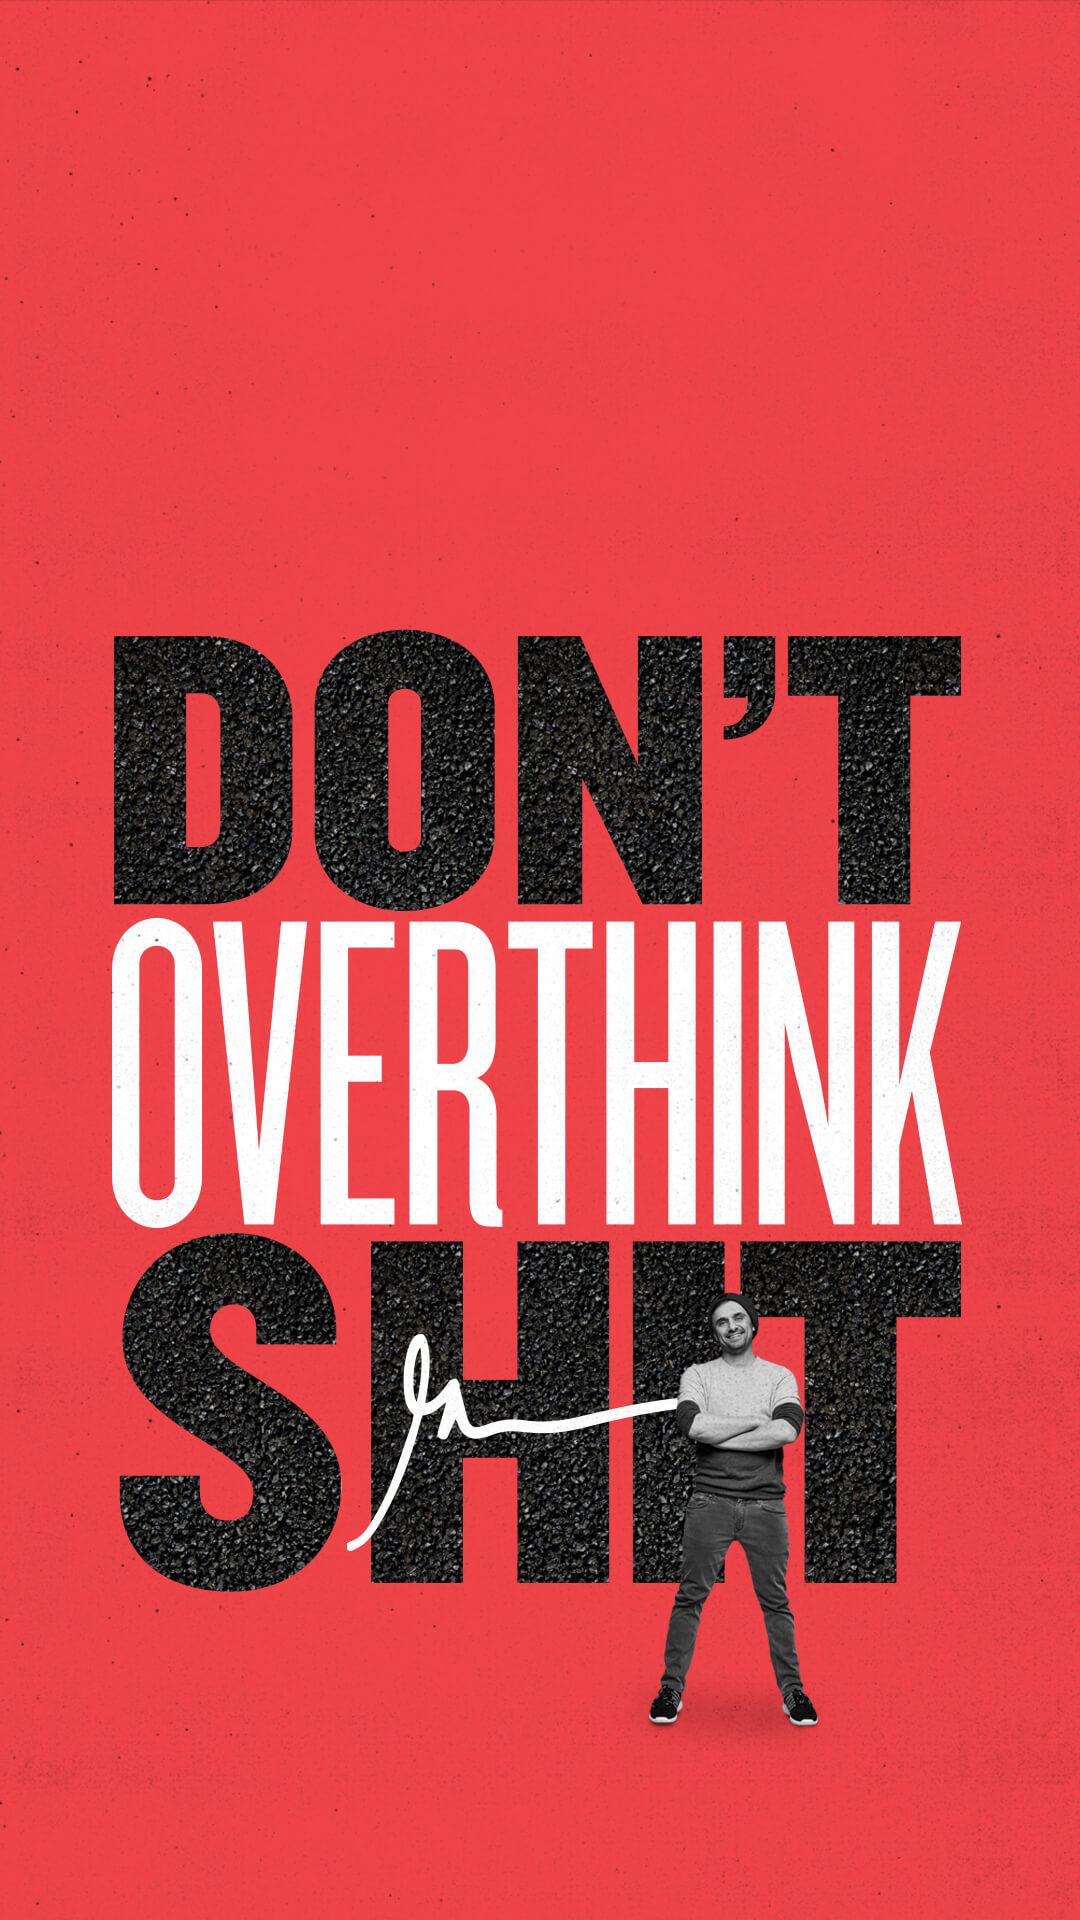 Best Motivational Wallpapers